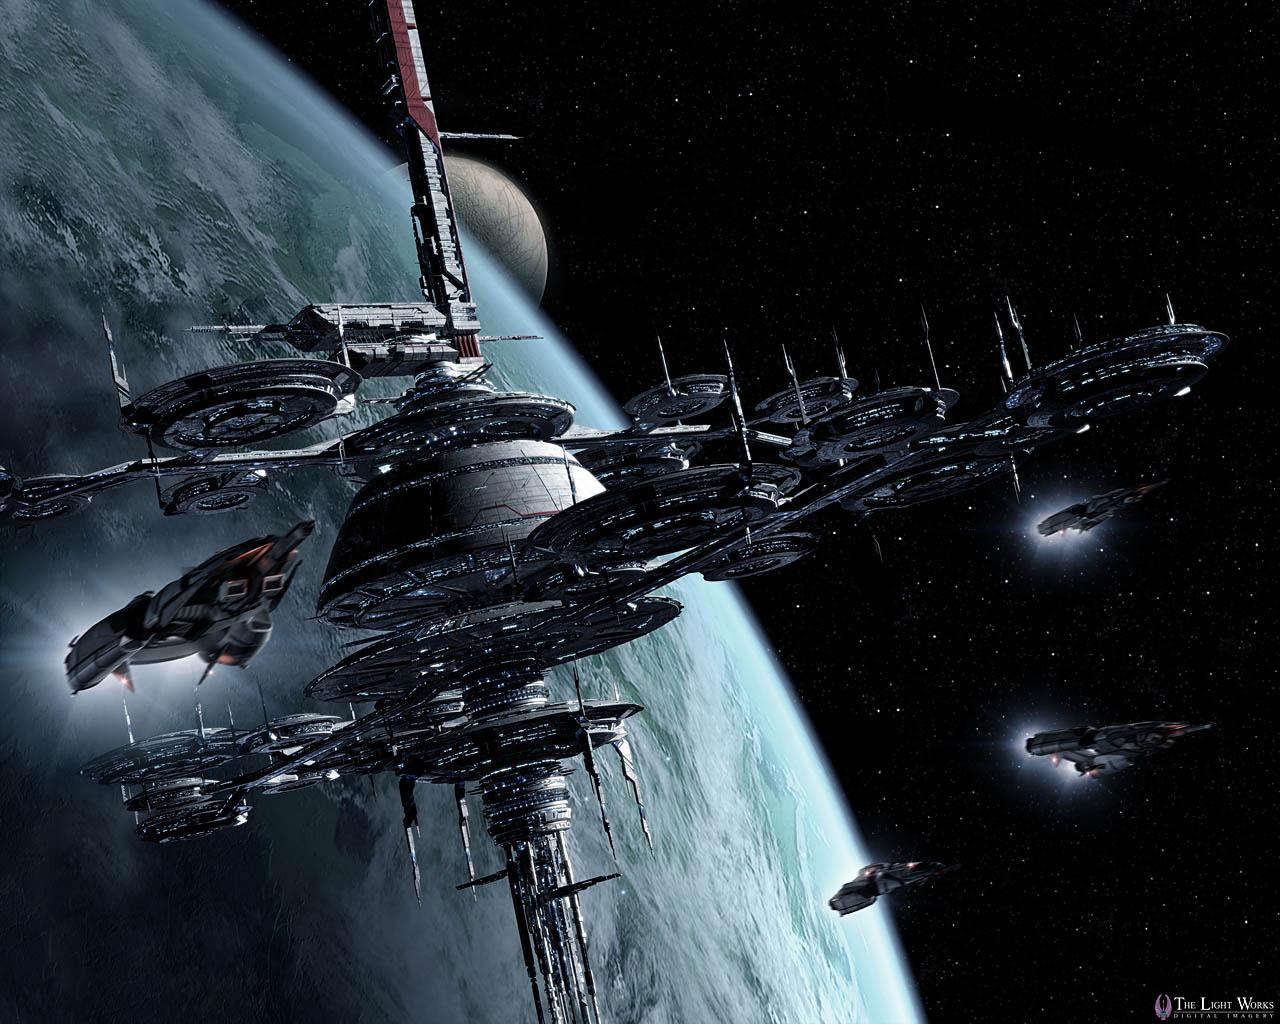 Обои космос корабль Вавилон-5 space ship Babylon 5 картинки на рабочий стол на тему Космос - скачать без смс